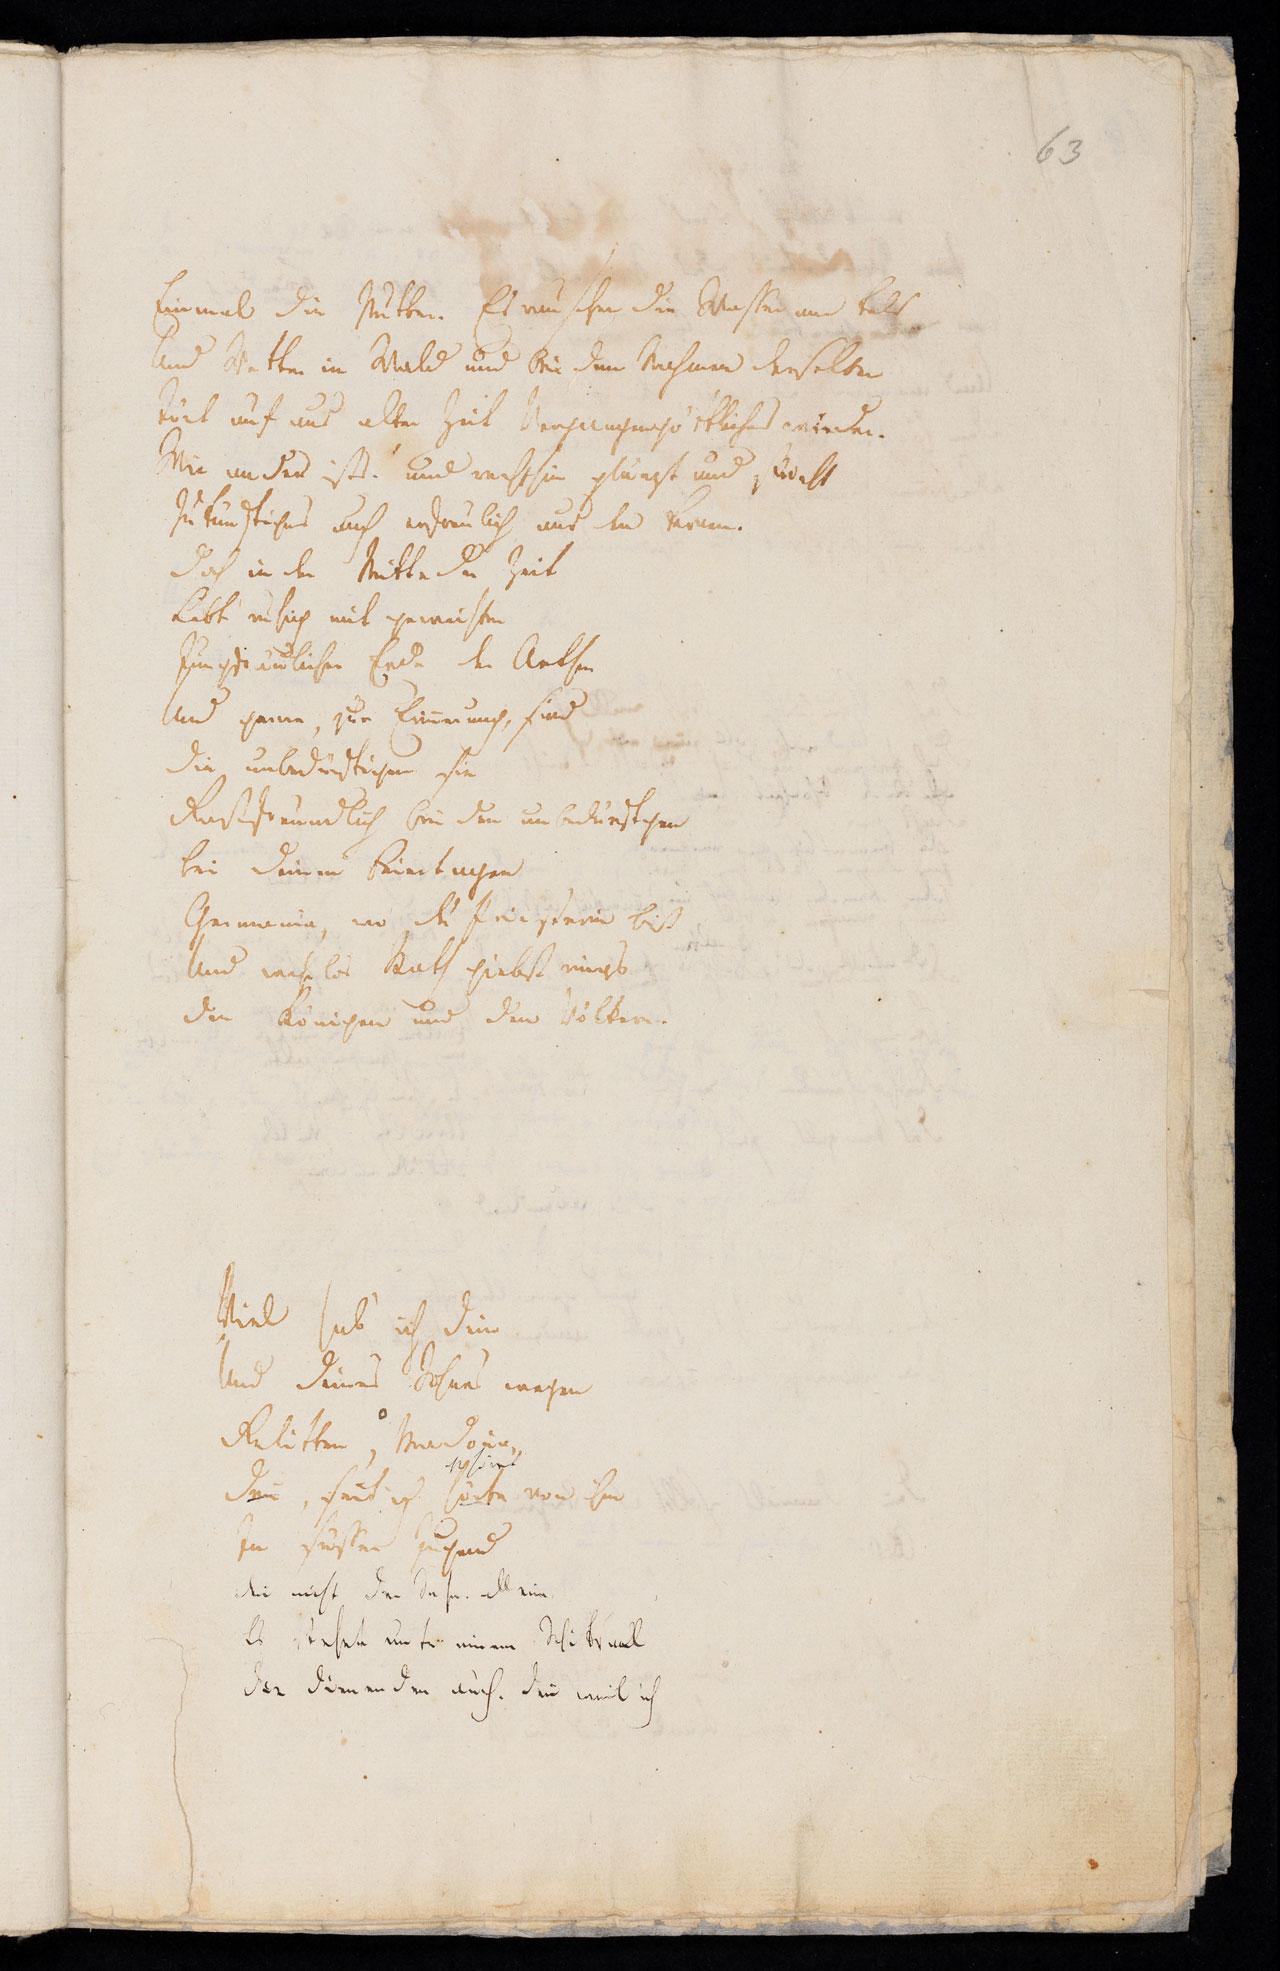 Friedrich Hölderlin, Homburger Folioheft, Seite 63, Germanien, Handschrift